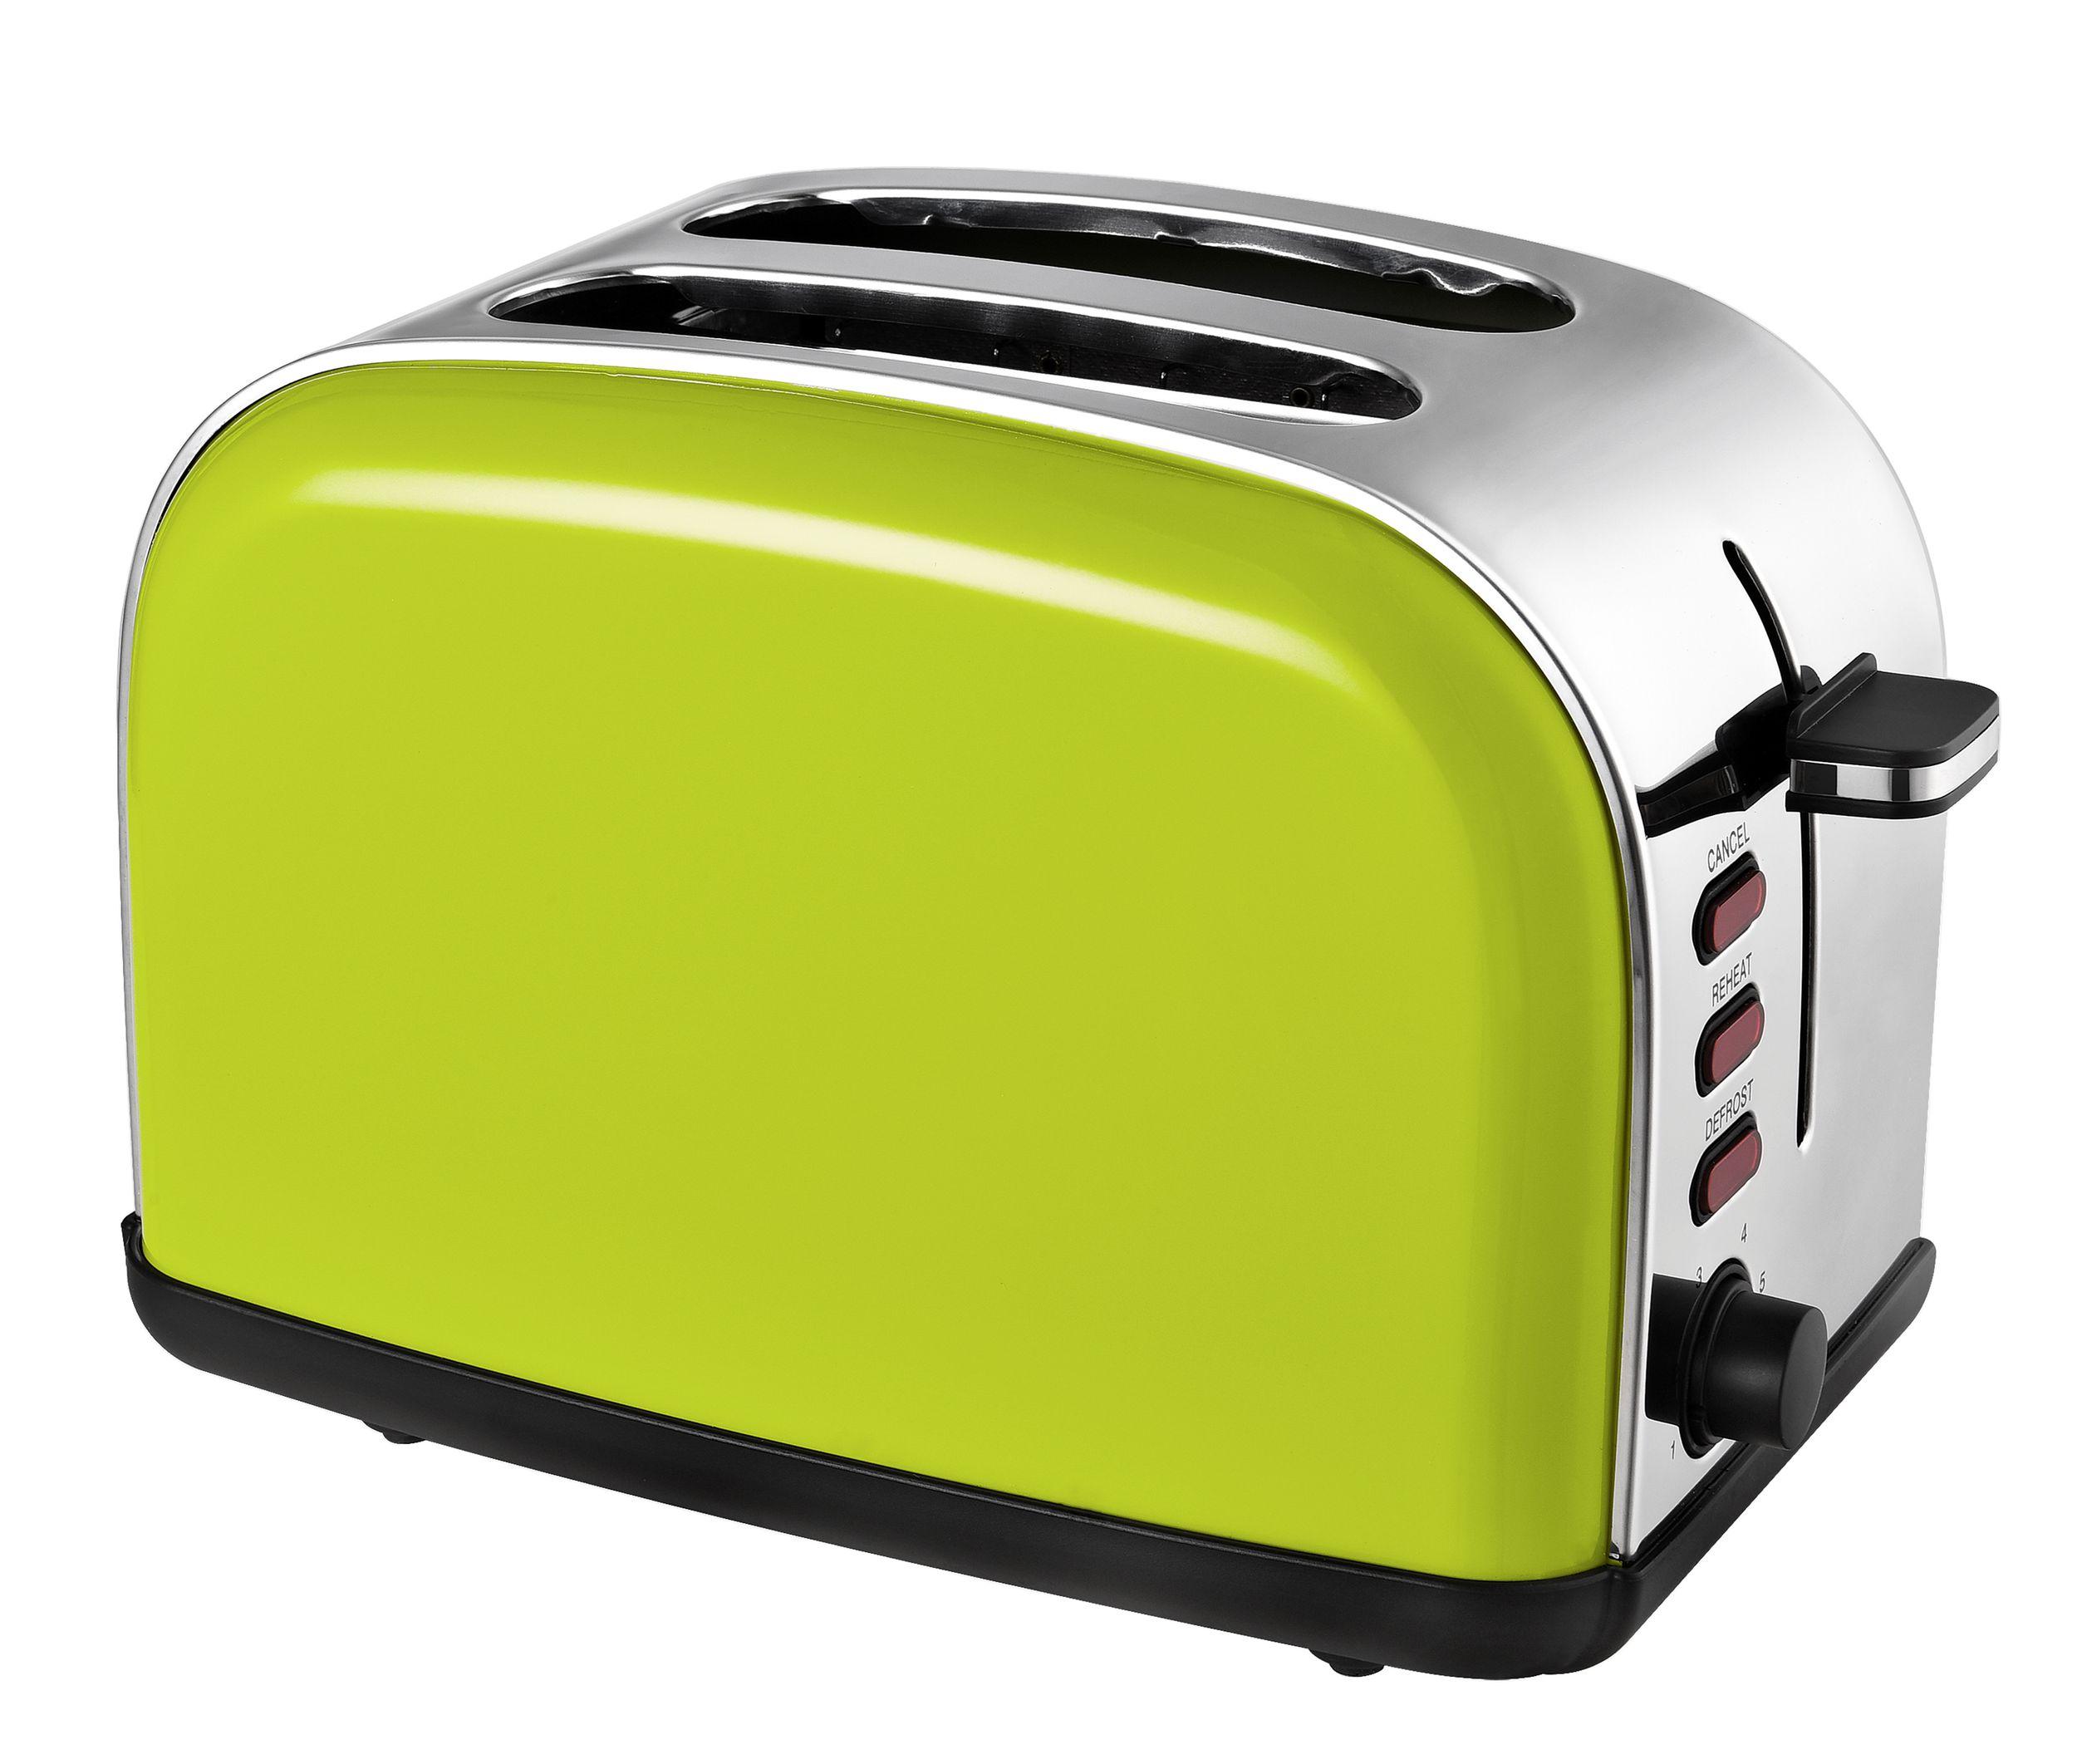 2-Scheiben-Edelstahltoaster Brotröster apfelgrün Brötchenaufsatz 1050W(Karton beschädigt)*92988 Bild 3